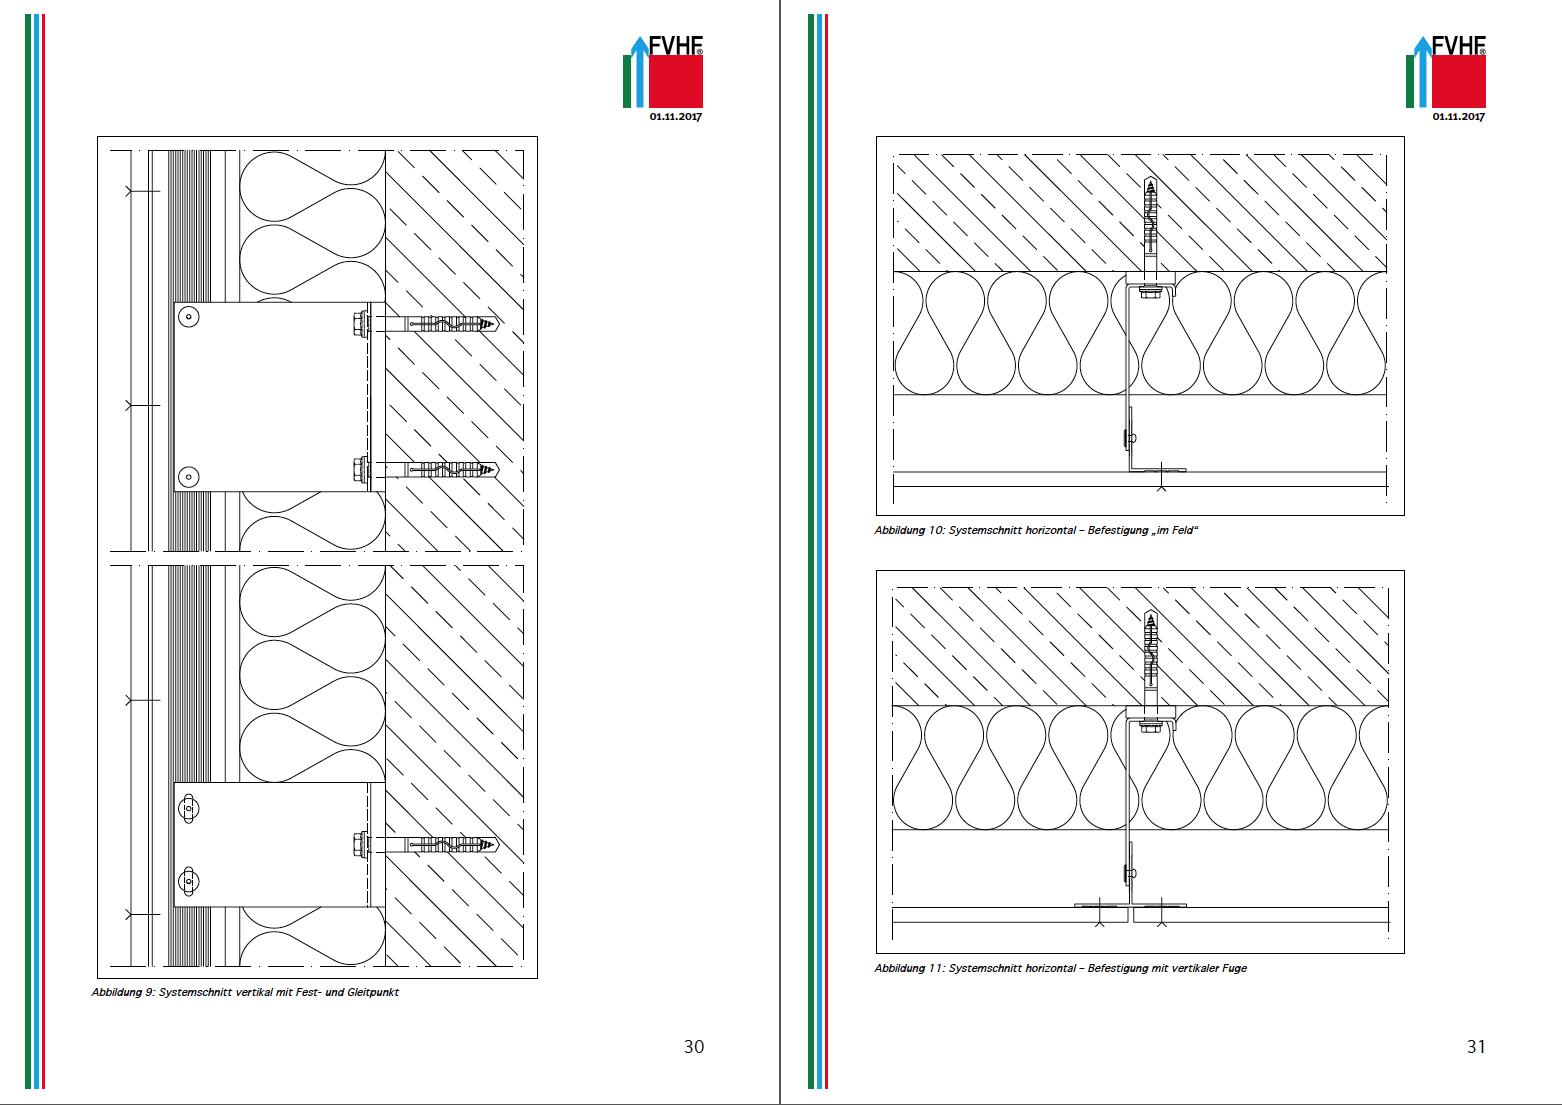 presseinformation zur fvhf leitlinie planung und. Black Bedroom Furniture Sets. Home Design Ideas